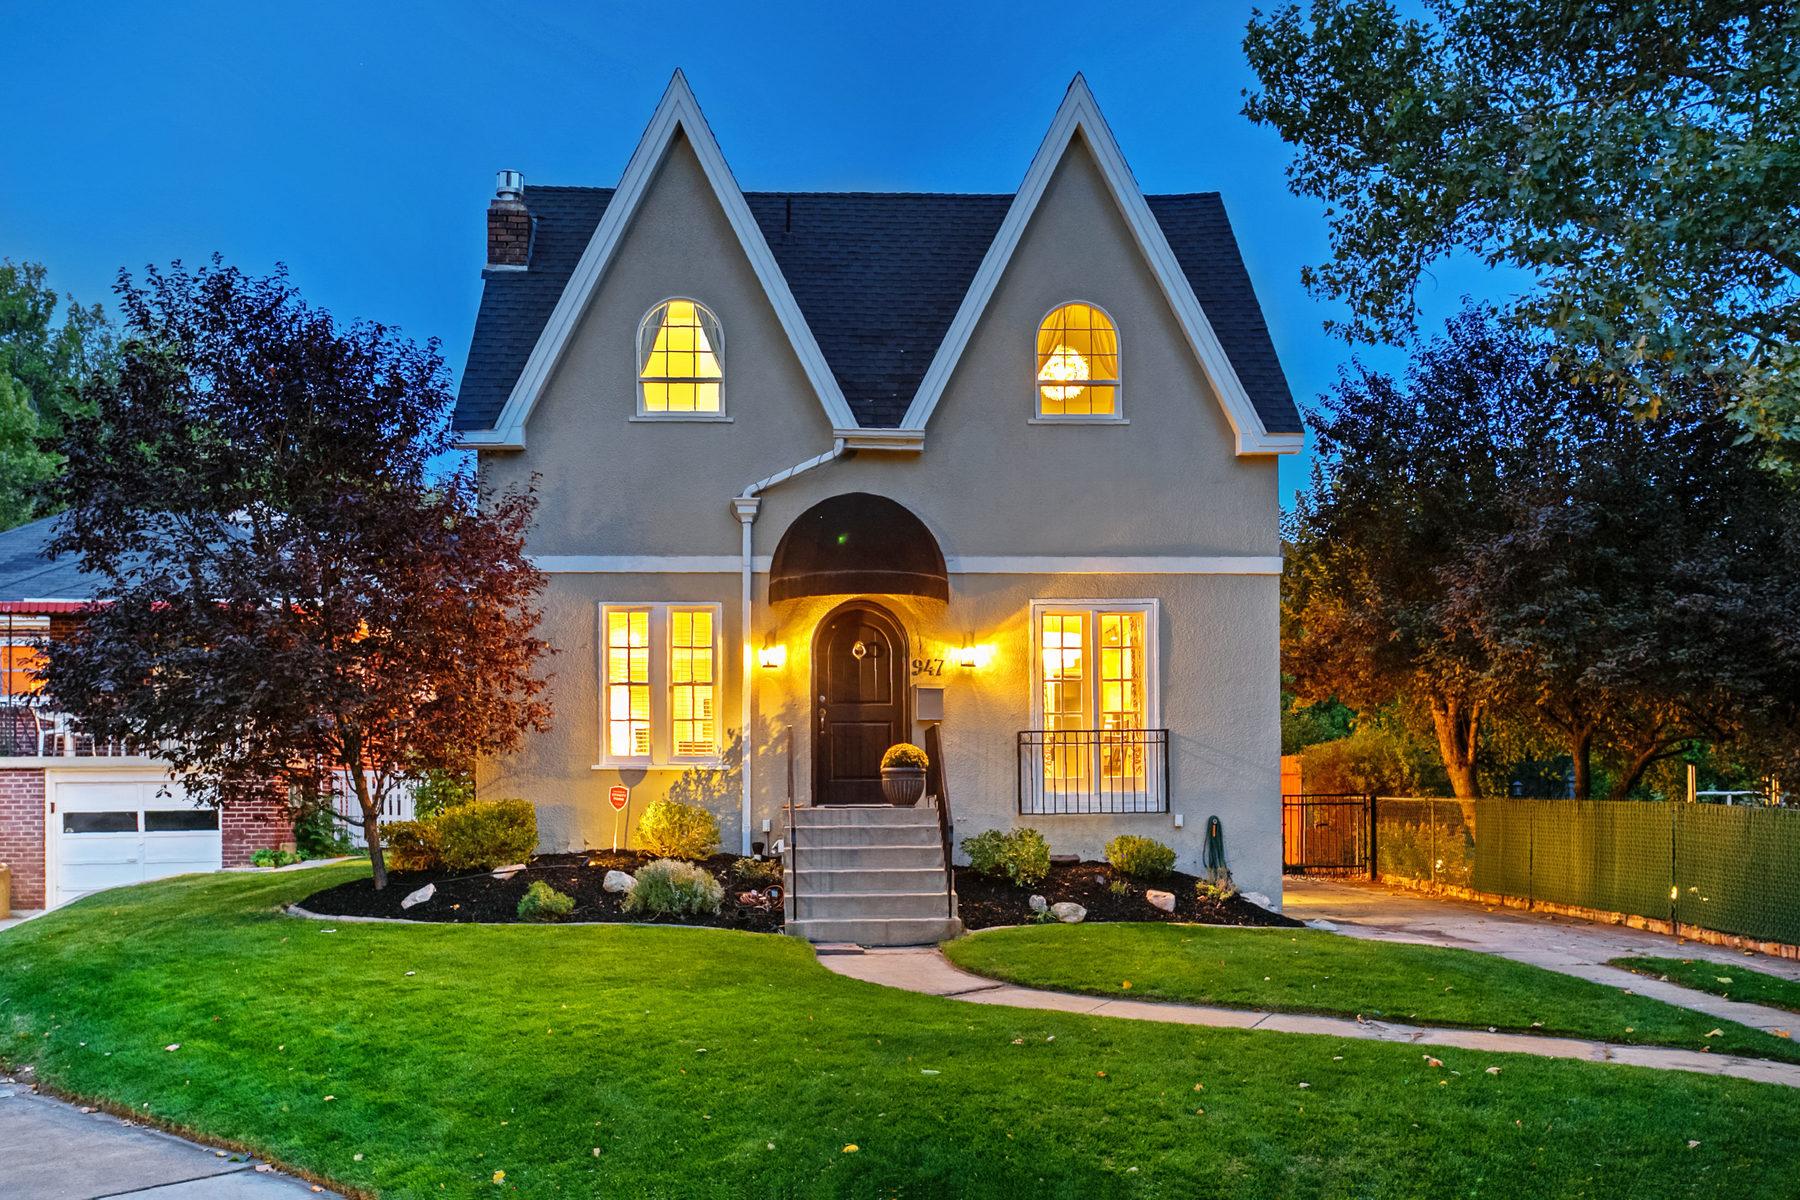 Villa per Vendita alle ore Wonderfully Livable Harvard Yale Residence 947 S Military Dr Salt Lake City, Utah, 84018 Stati Uniti